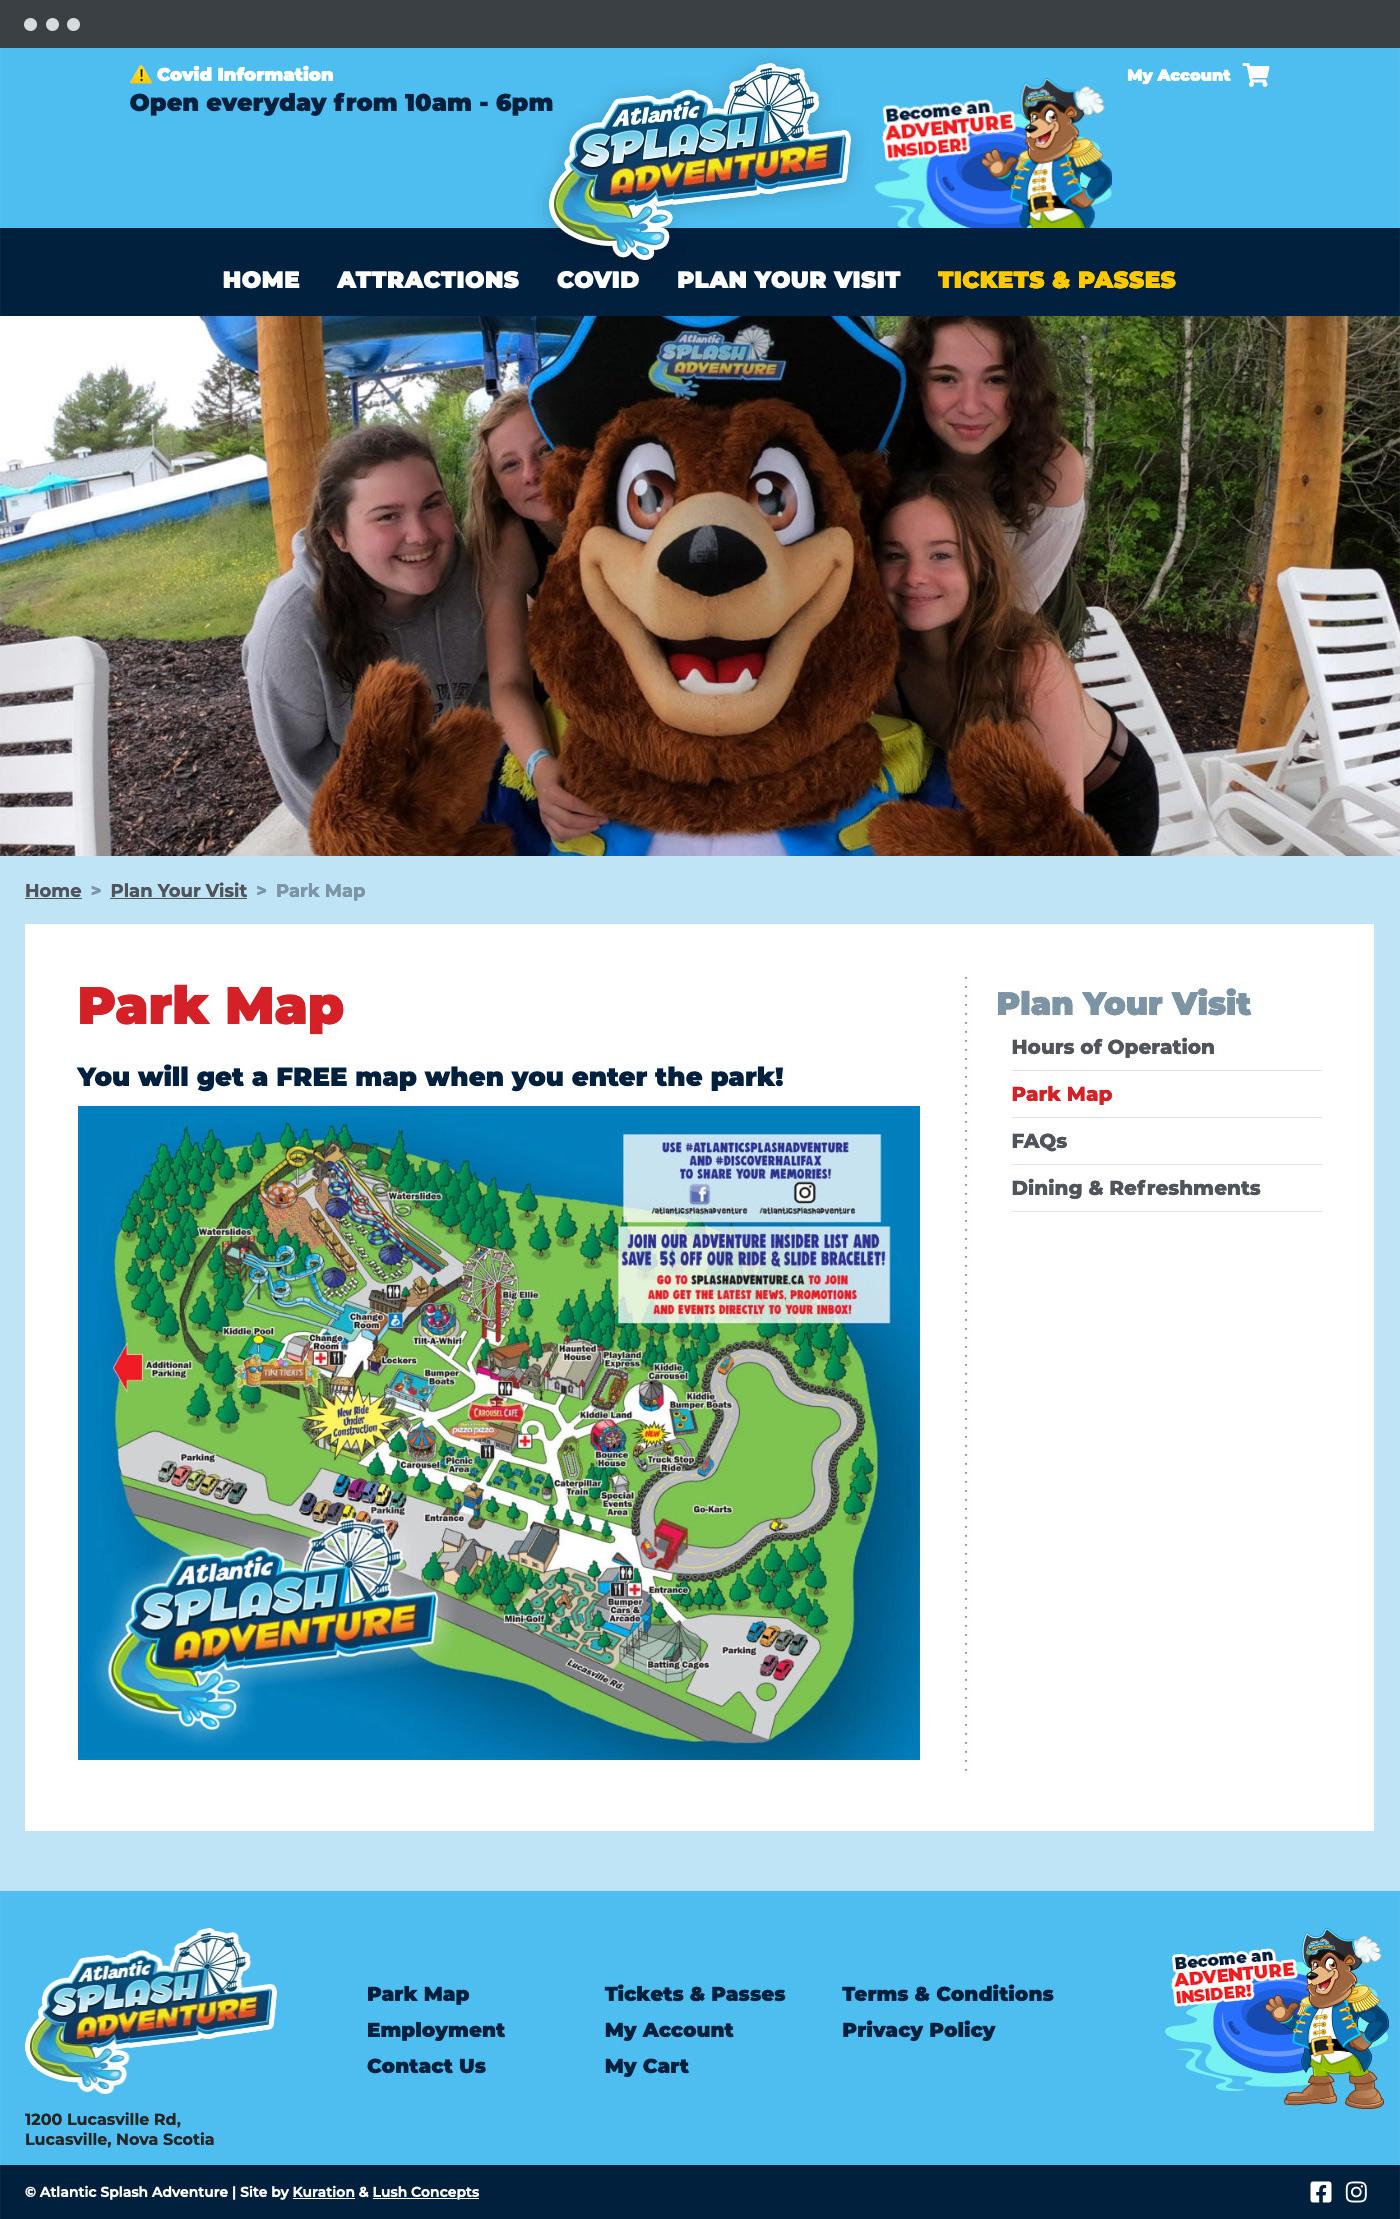 Atlantic Splash Adventure visit the park